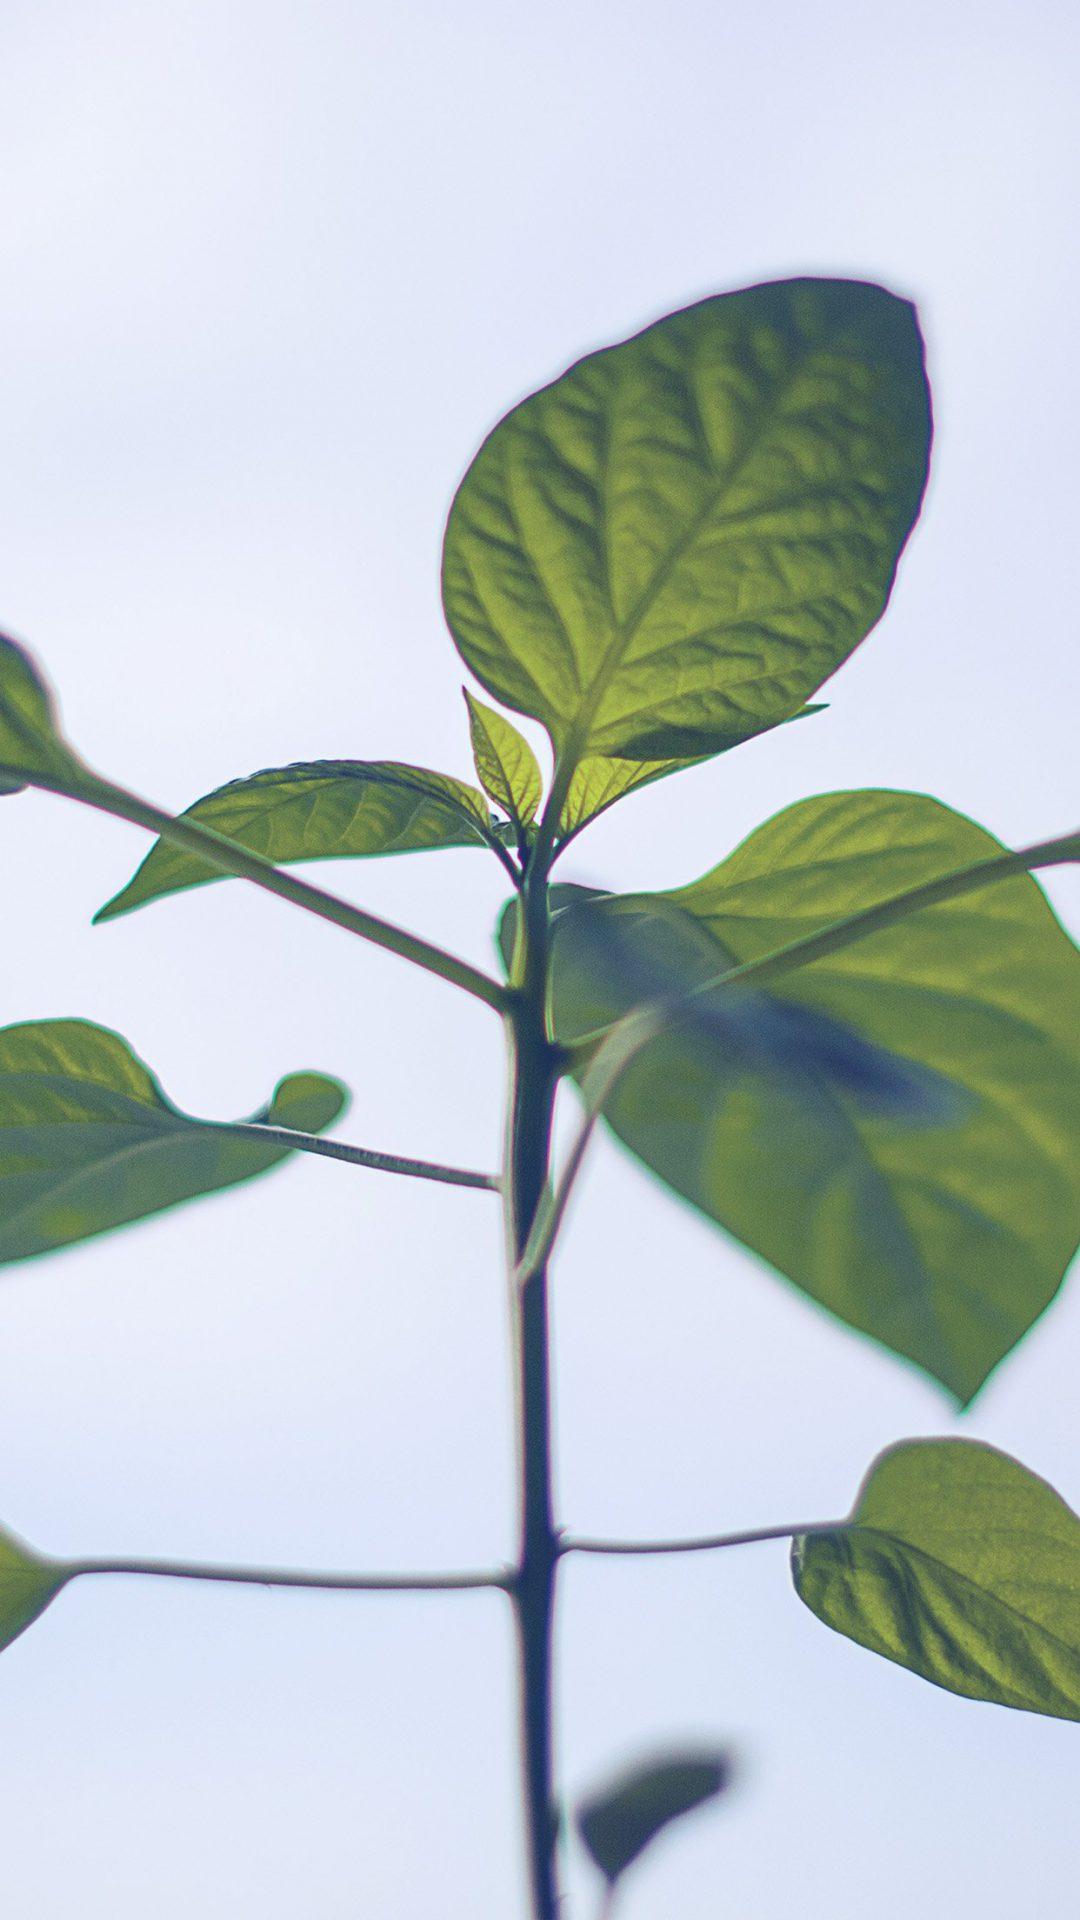 Flower Leaf Green Simple Minimal Nature